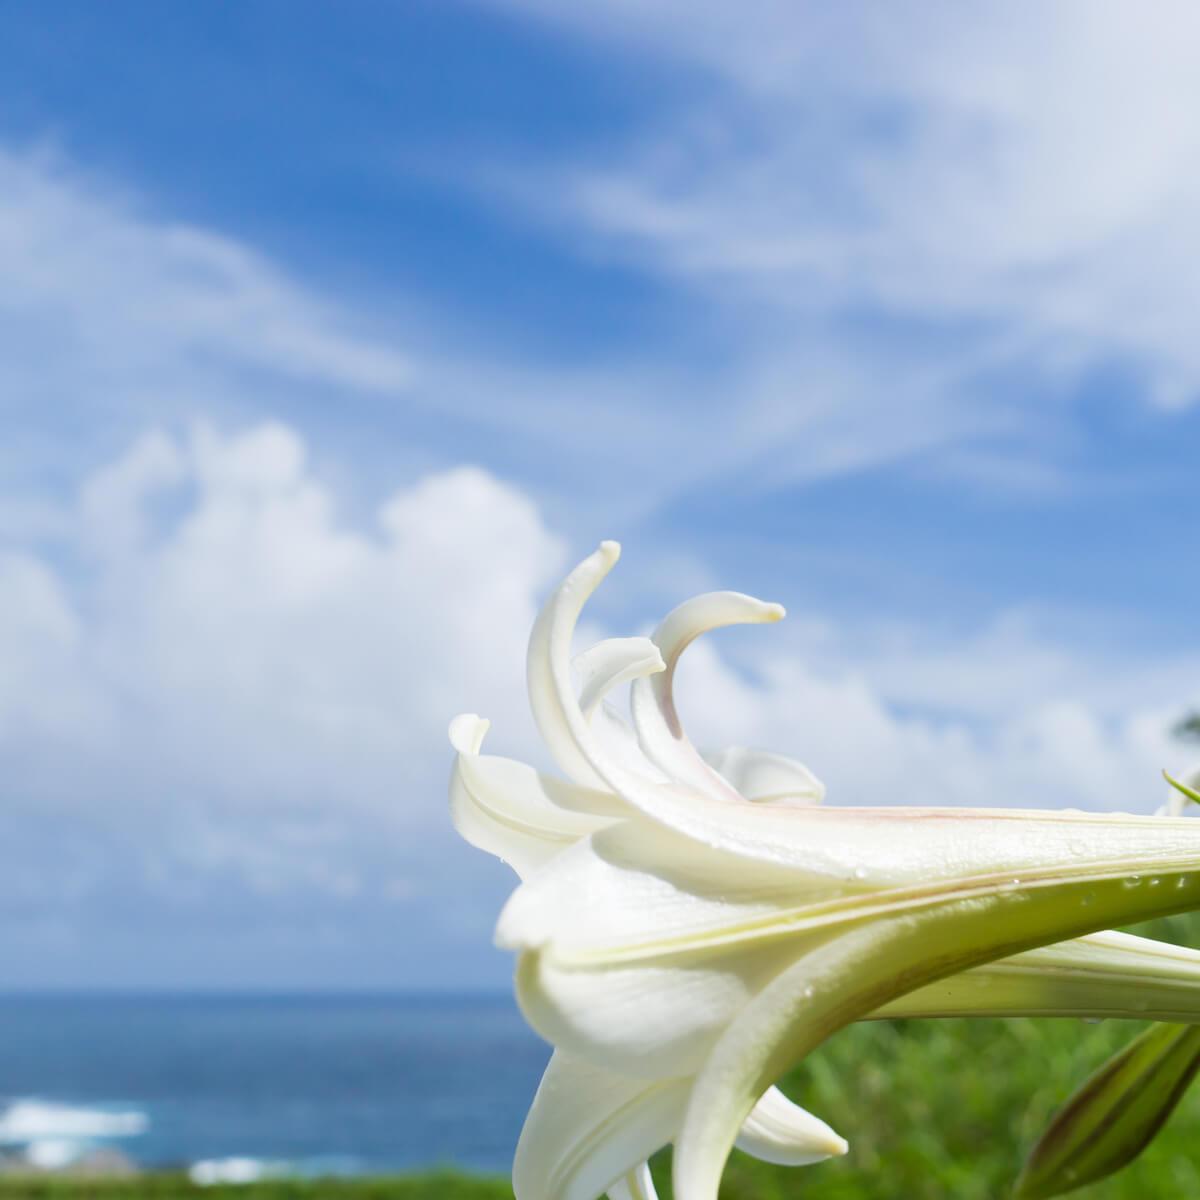 屋久島の海、空白百合 屋久島日々の暮らしとジュエリー 屋久島でつくる結婚指輪